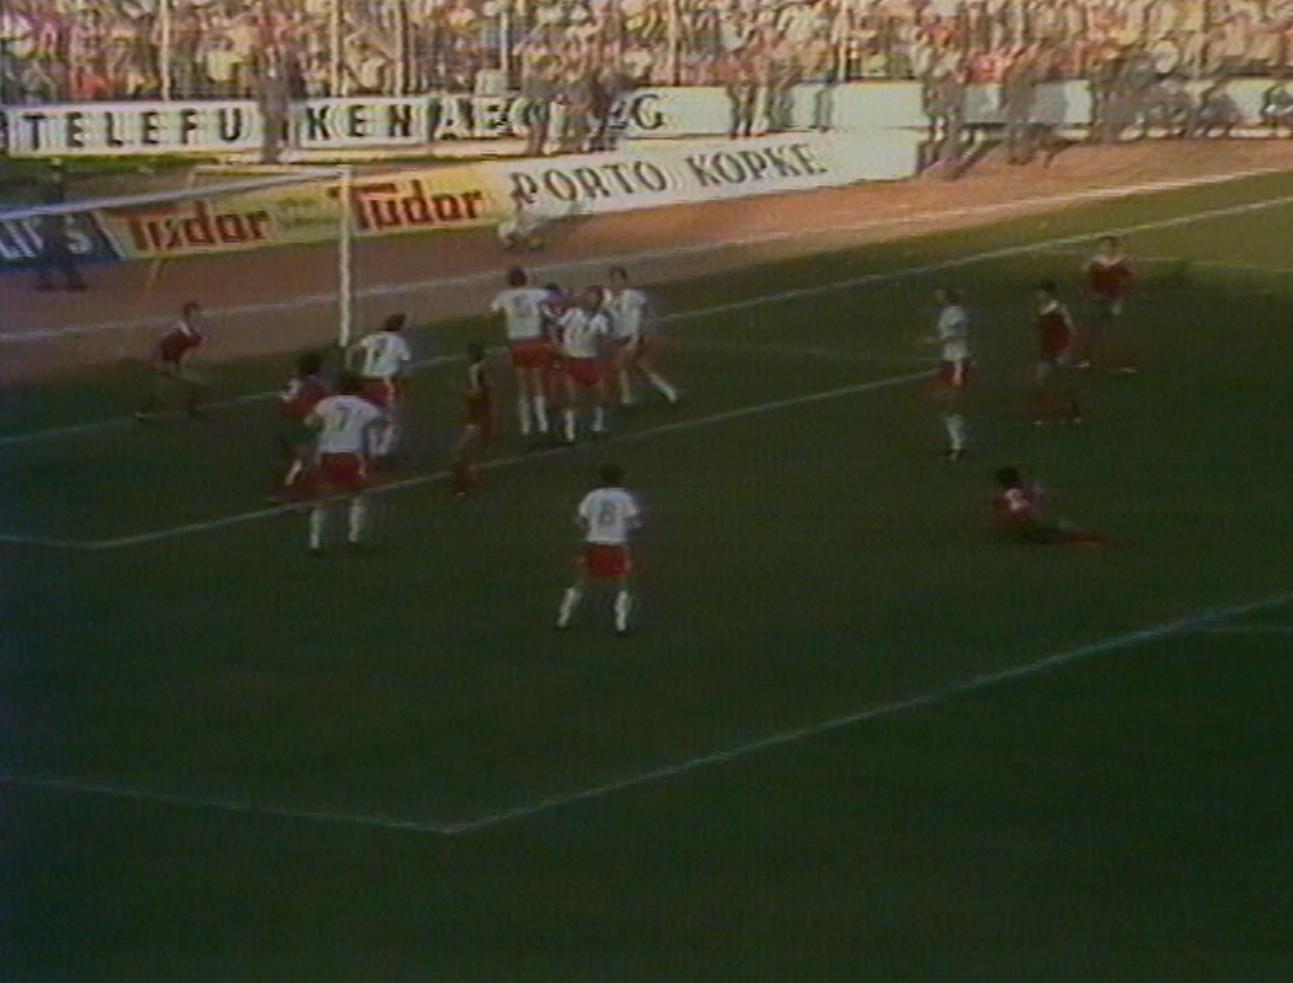 Polakom udało się zdobyć gola w doliczonym czasie. Do piłki dośrodkowanej z rzutu rożnego najwyżej wyskoczył Paweł Król, dla którego był to dopiero drugi mecz w reprezentacji.